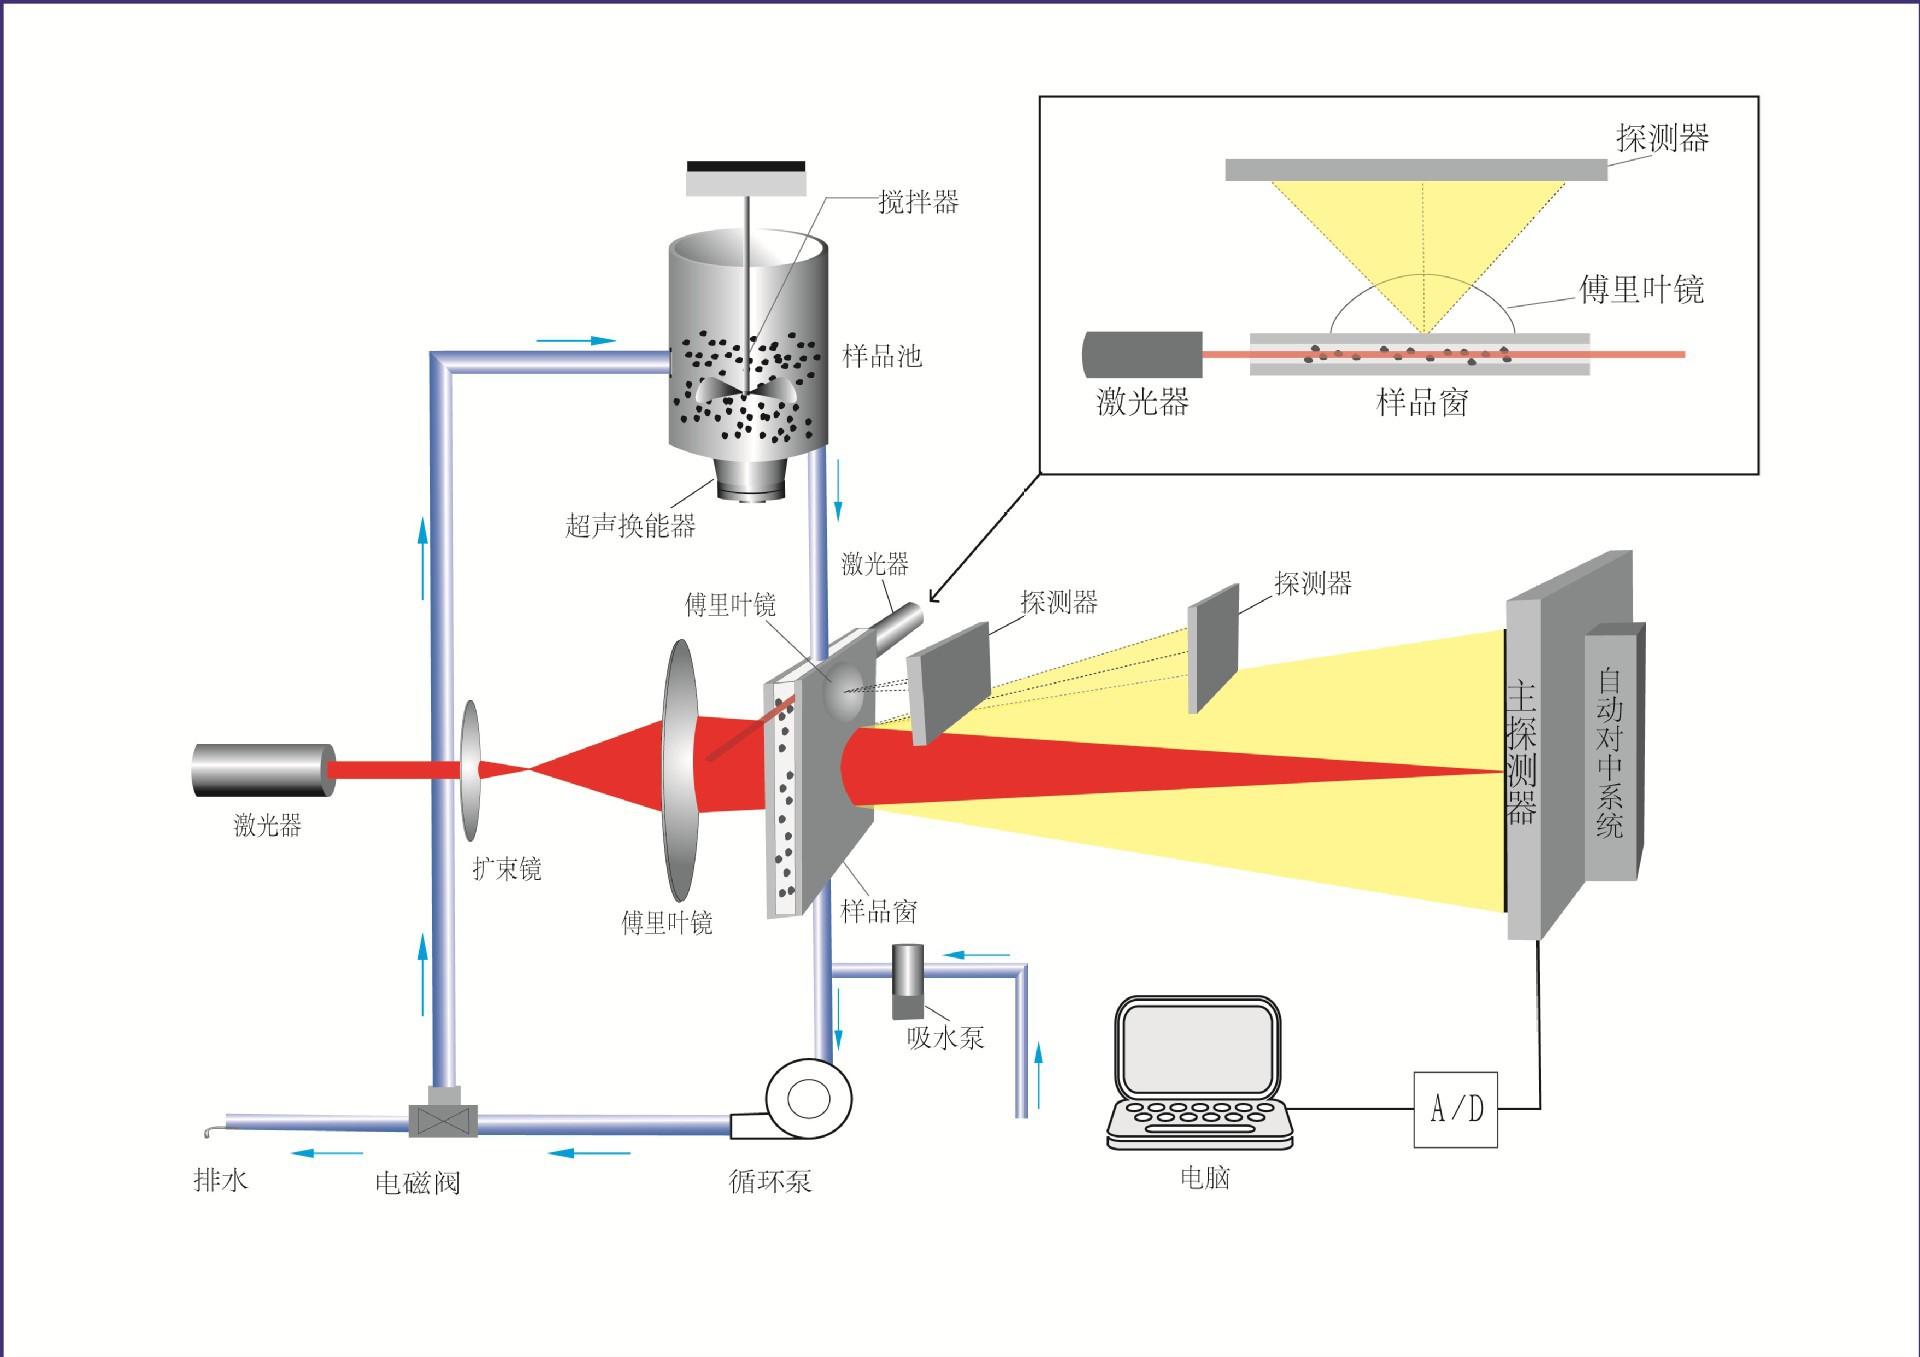 激光粒径仪_激光粒度分布仪_激光粒度测试仪_粒径分布测试仪_天津特鲁斯